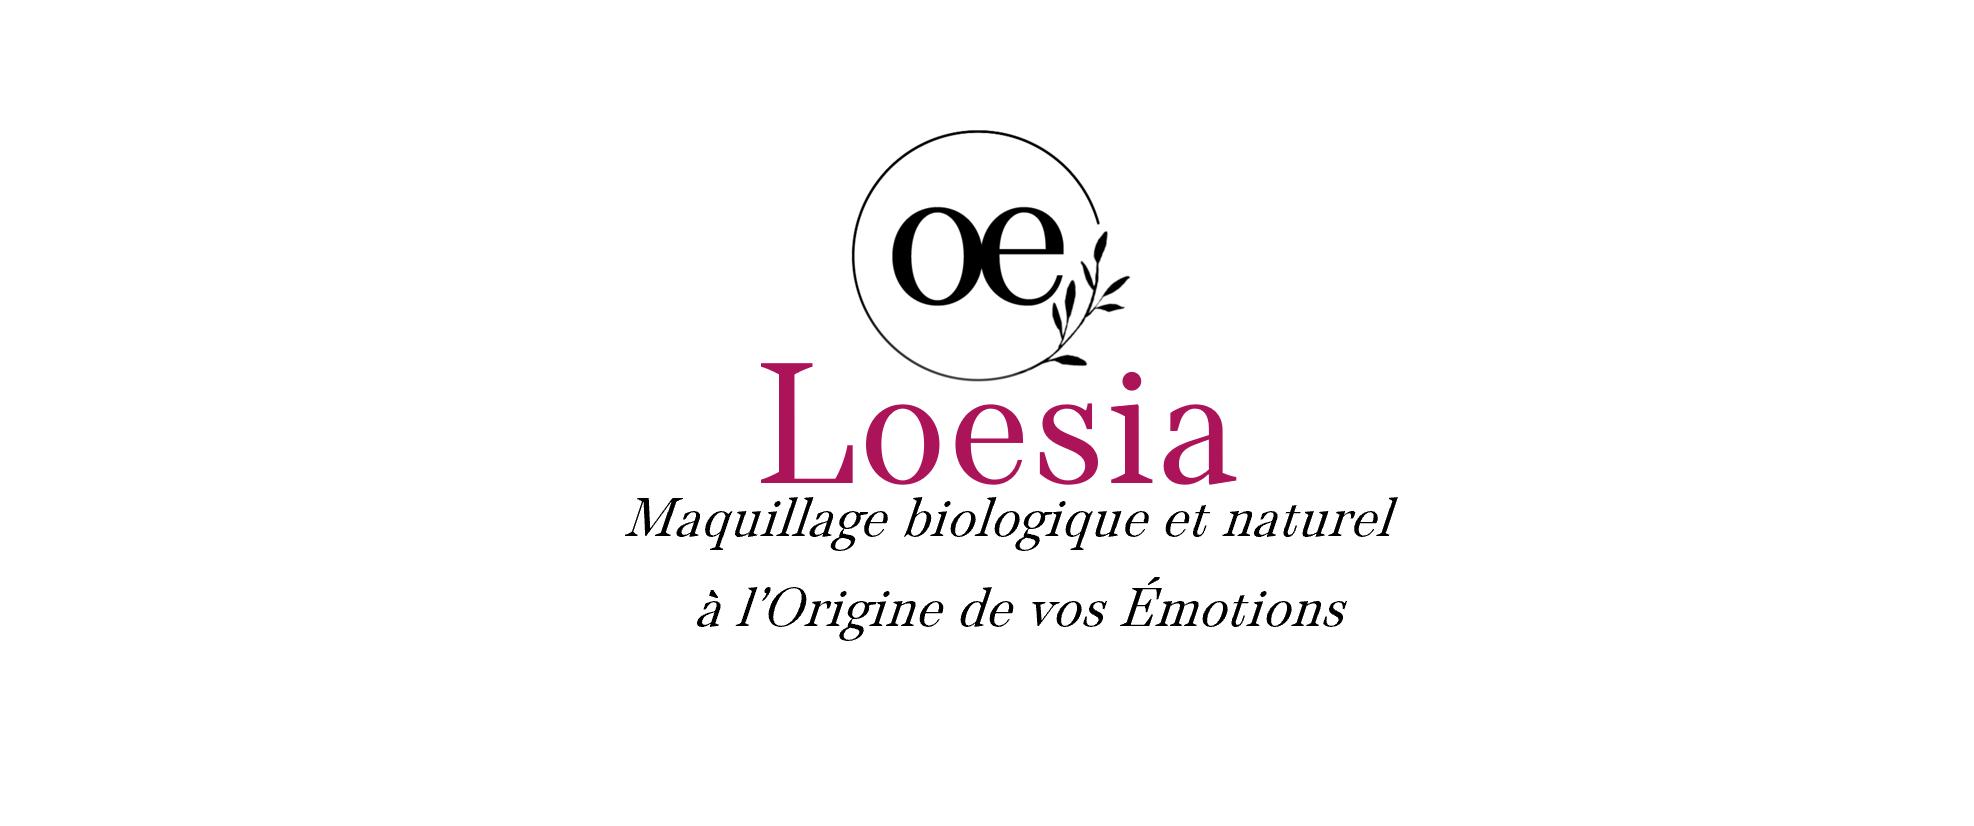 Loesia : un crowdfunding Beauté & bien être sur Appel à